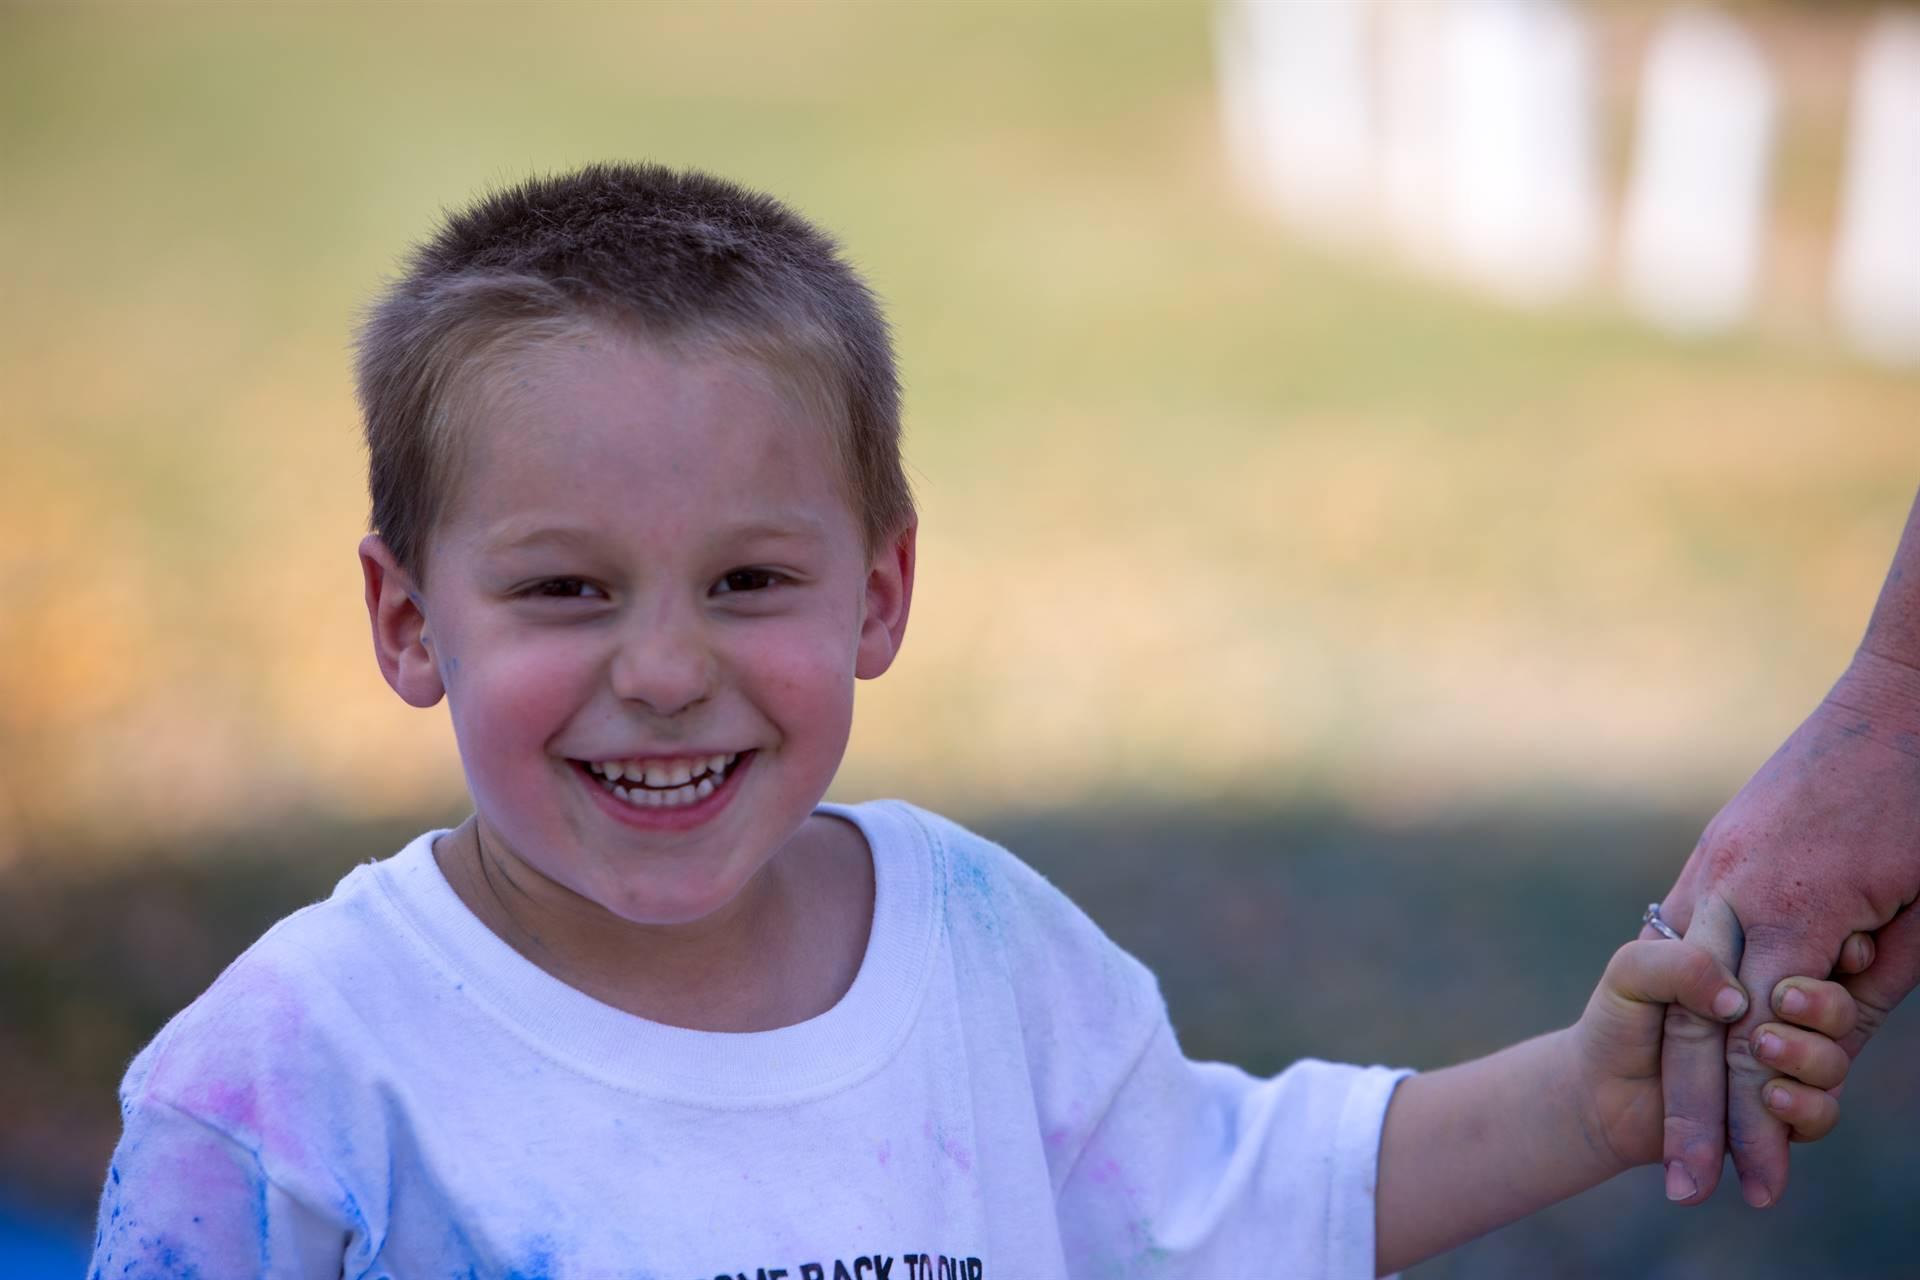 boy 7 at color run